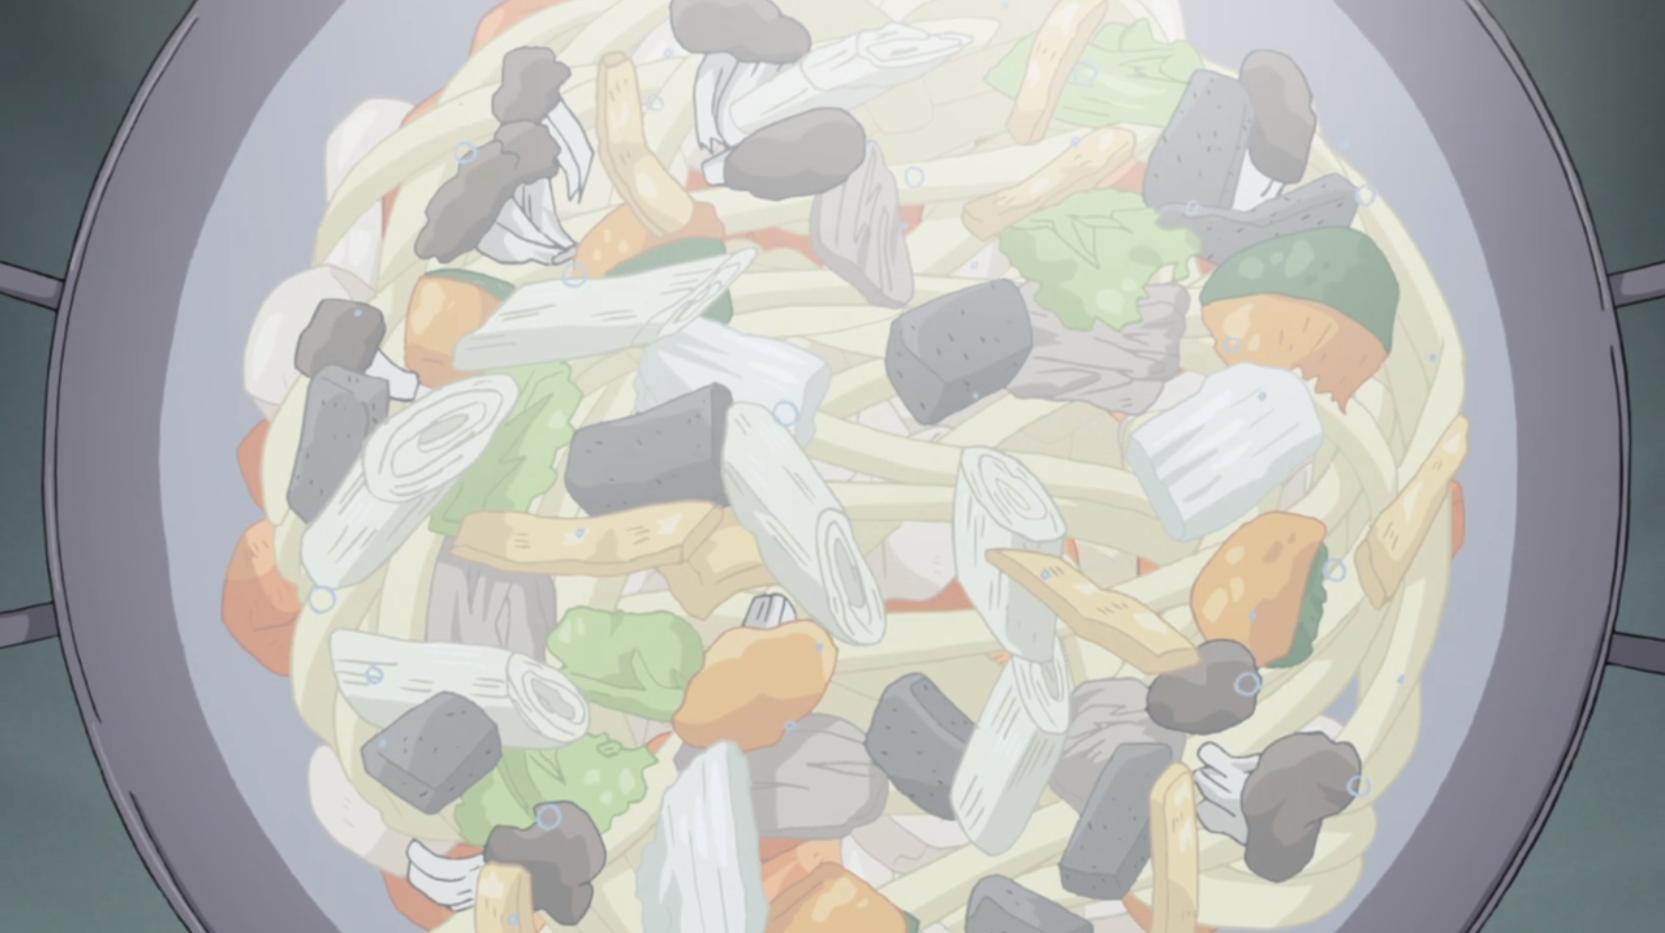 アニメ『ゆるキャン△』9話で大垣千明が作るほうとうの出来上がり